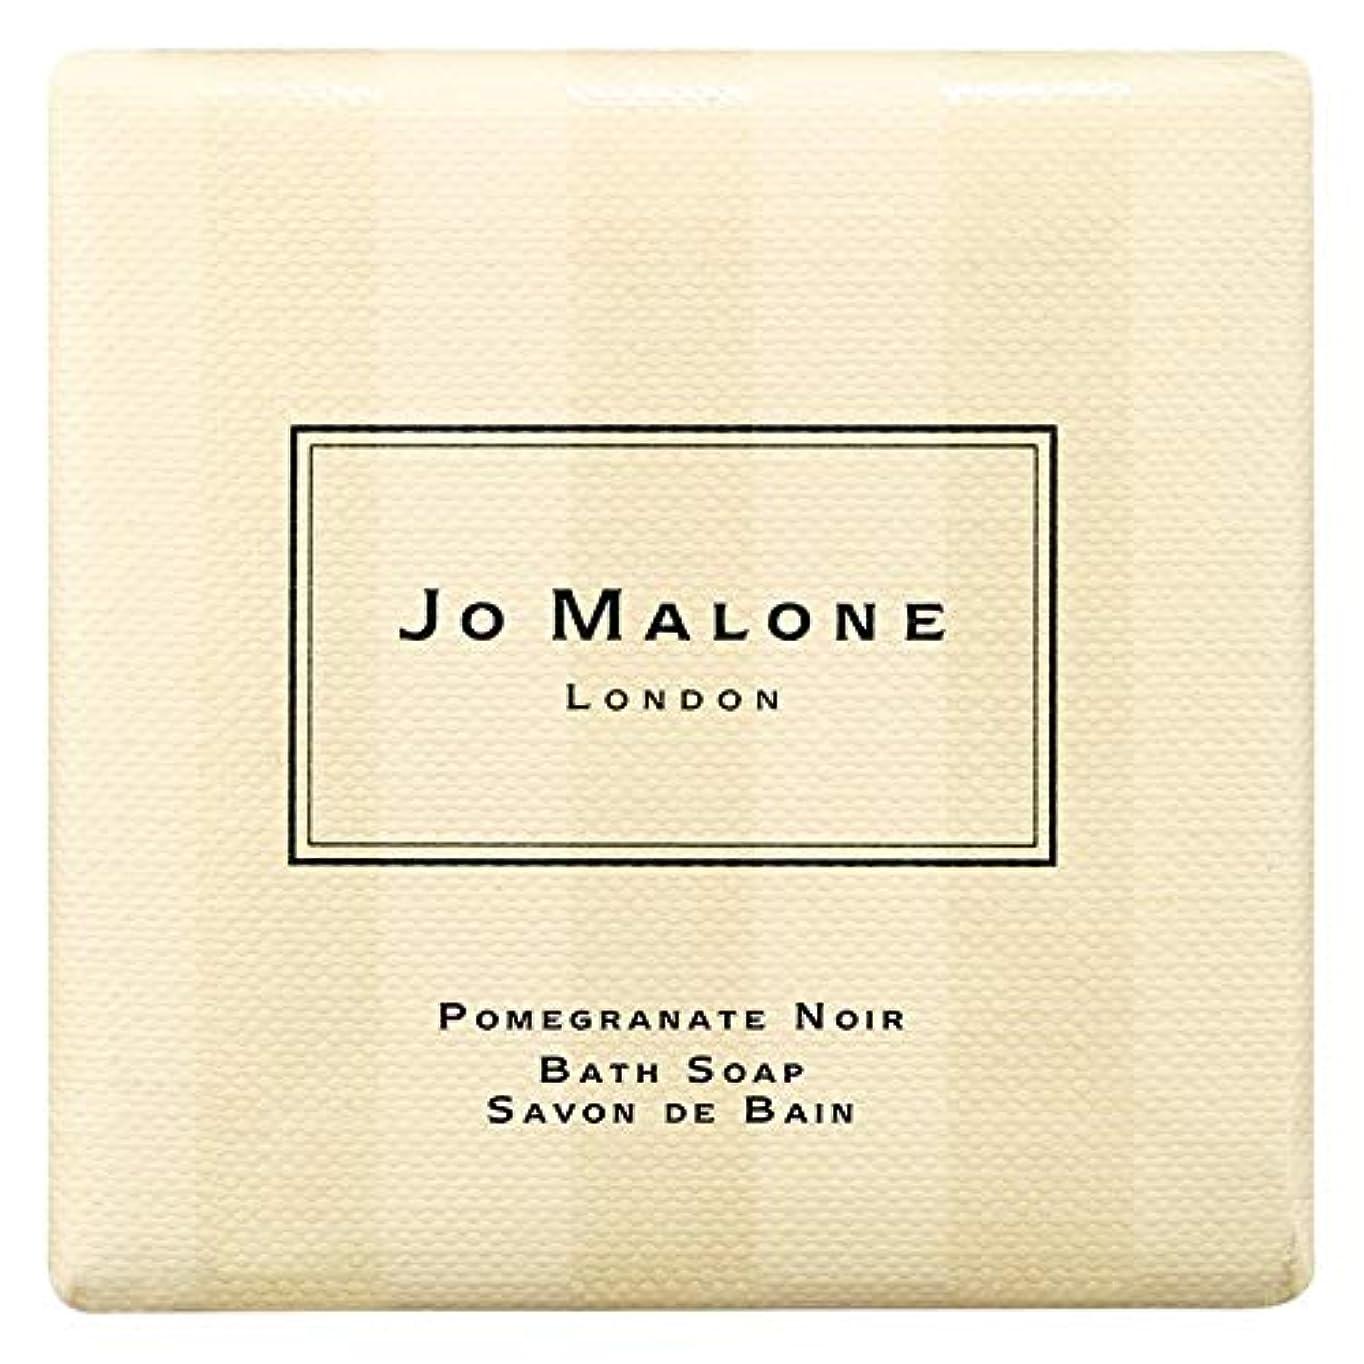 信者今プライバシー[Jo Malone] ジョーマローンロンドンザクロノワール入浴石鹸100グラム - Jo Malone London Pomegranate Noir Bath Soap 100g [並行輸入品]